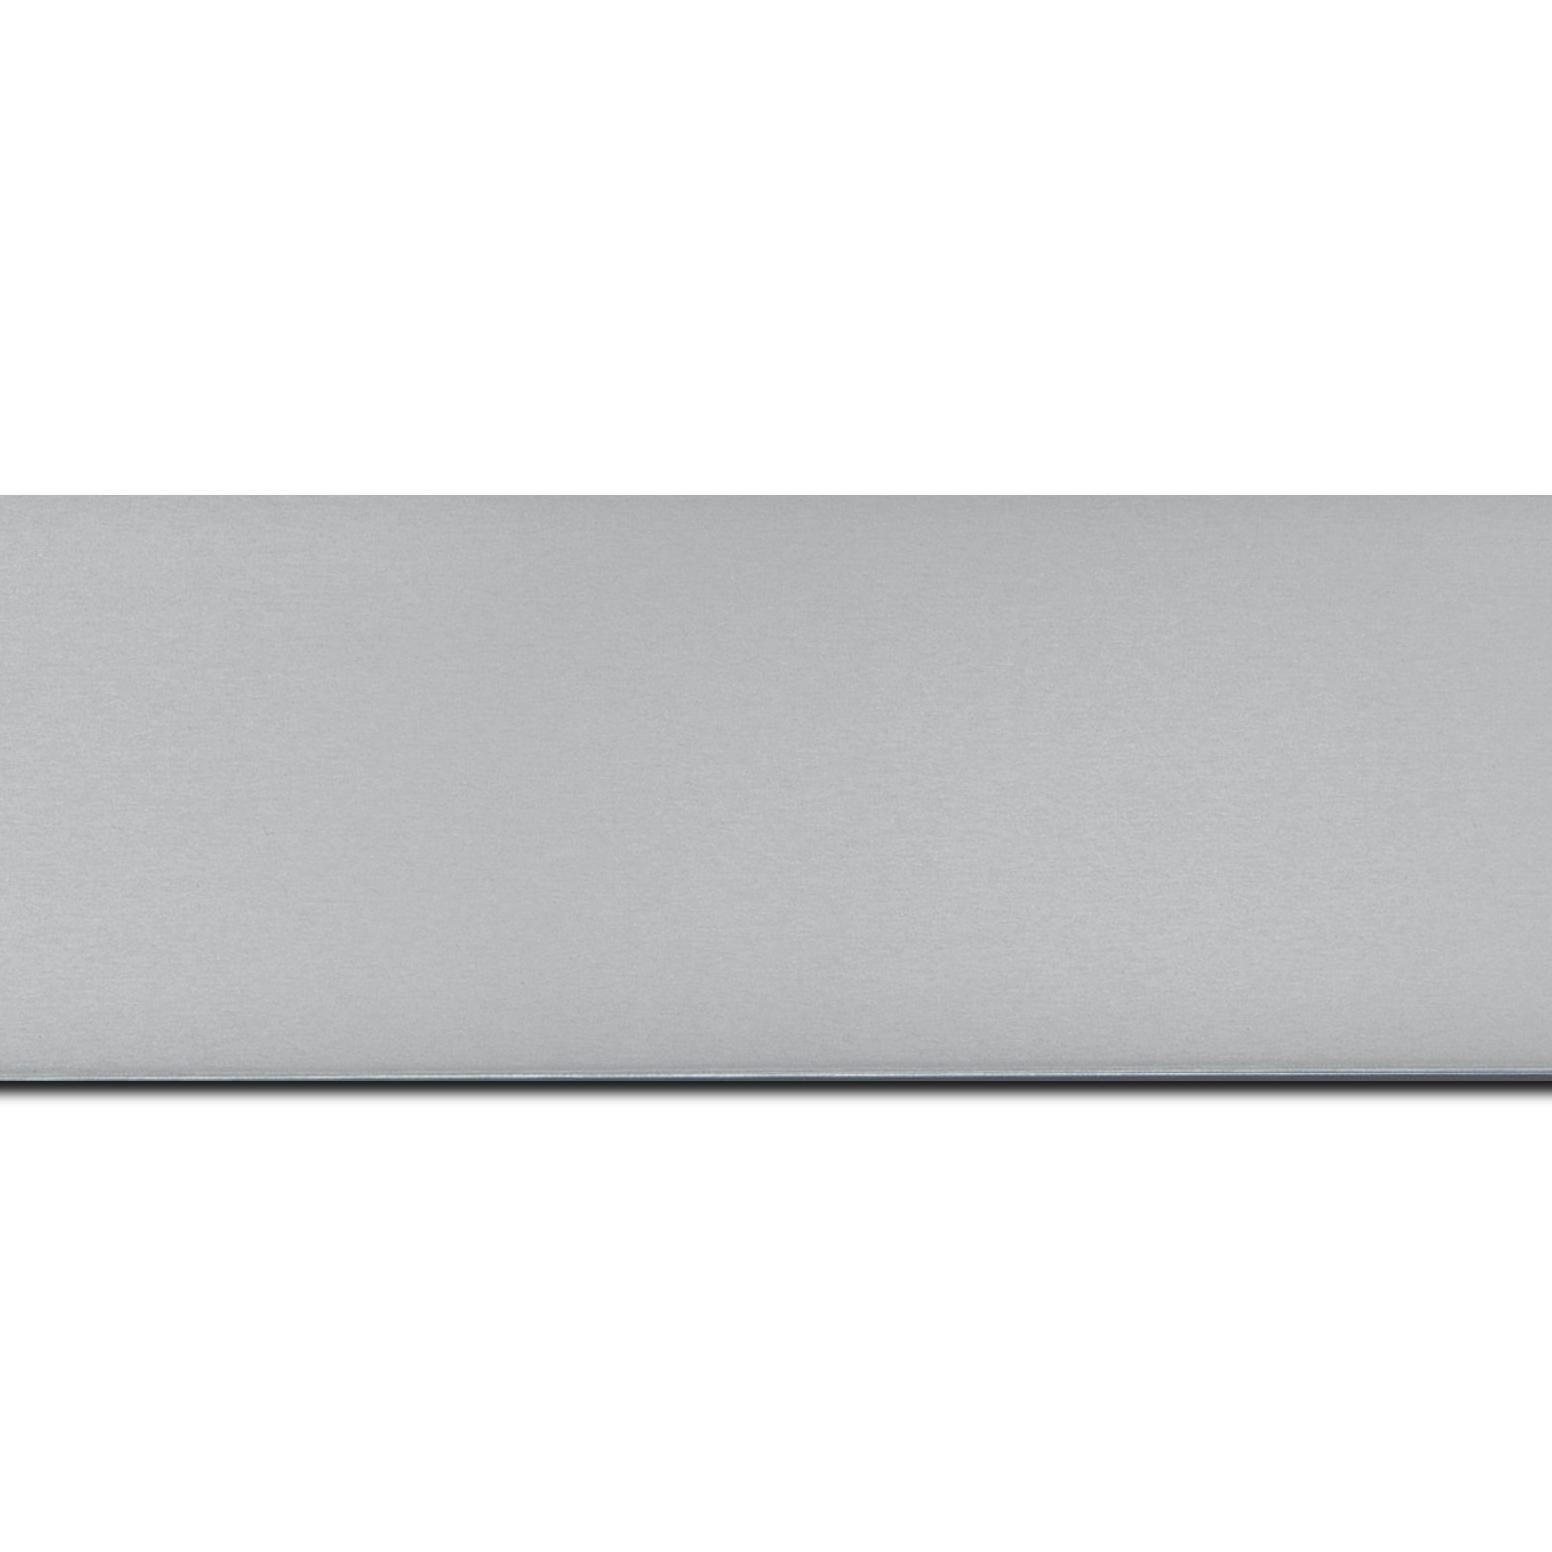 Baguette longueur 1.40m bois recouvert aluminium profil plat largeur 6cm argent brossé bord droit